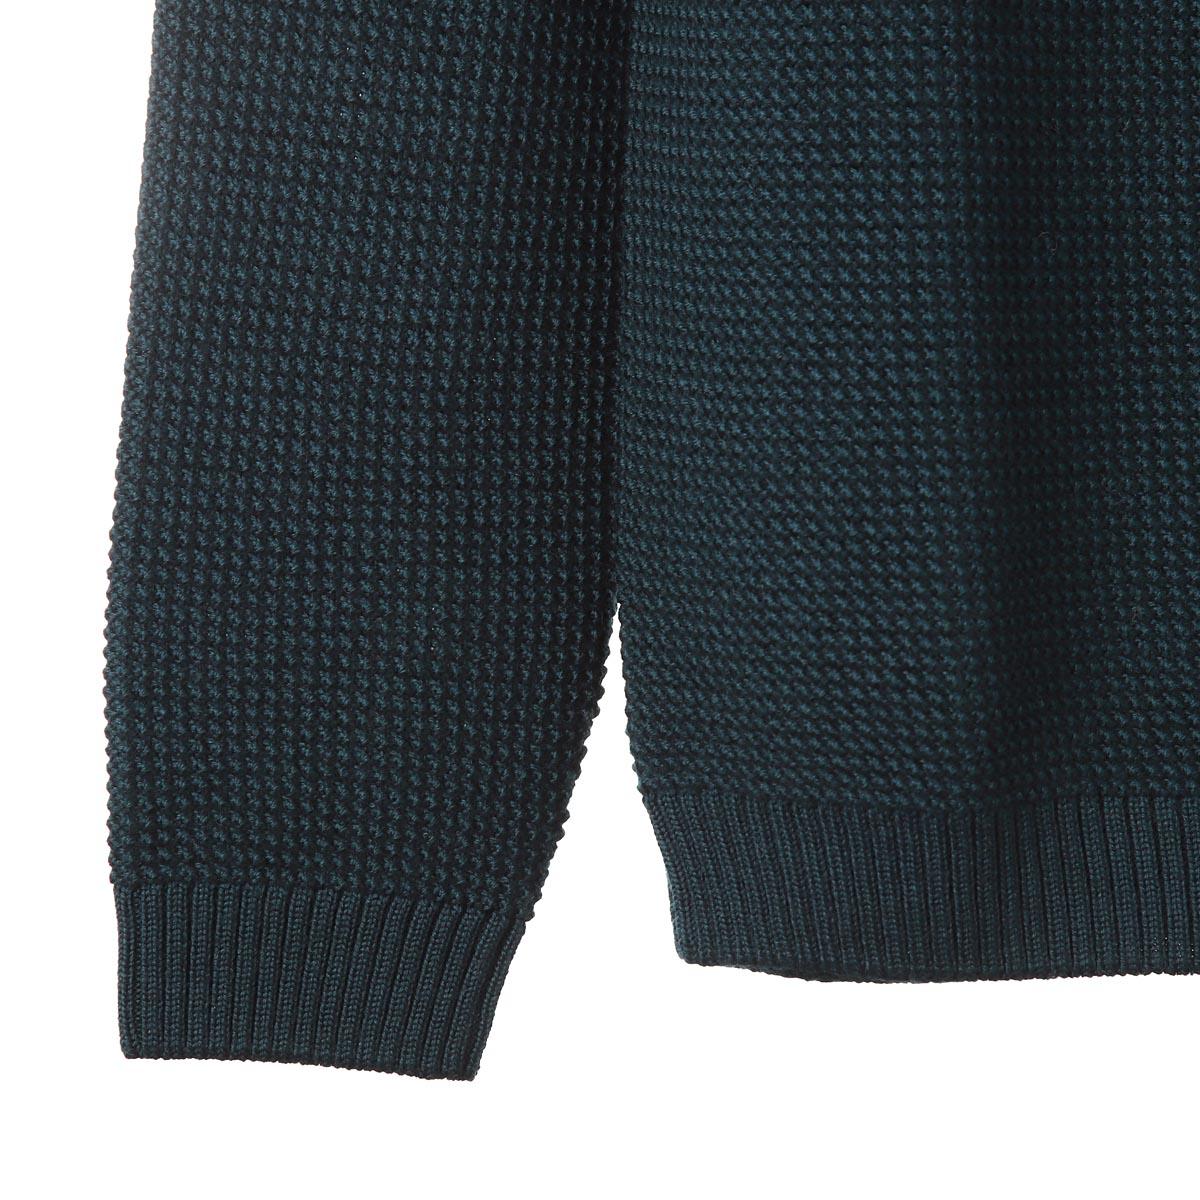 HERITAGE ヘリテージ クルーネック セーター/ニット【大きいサイズあり】 メンズ